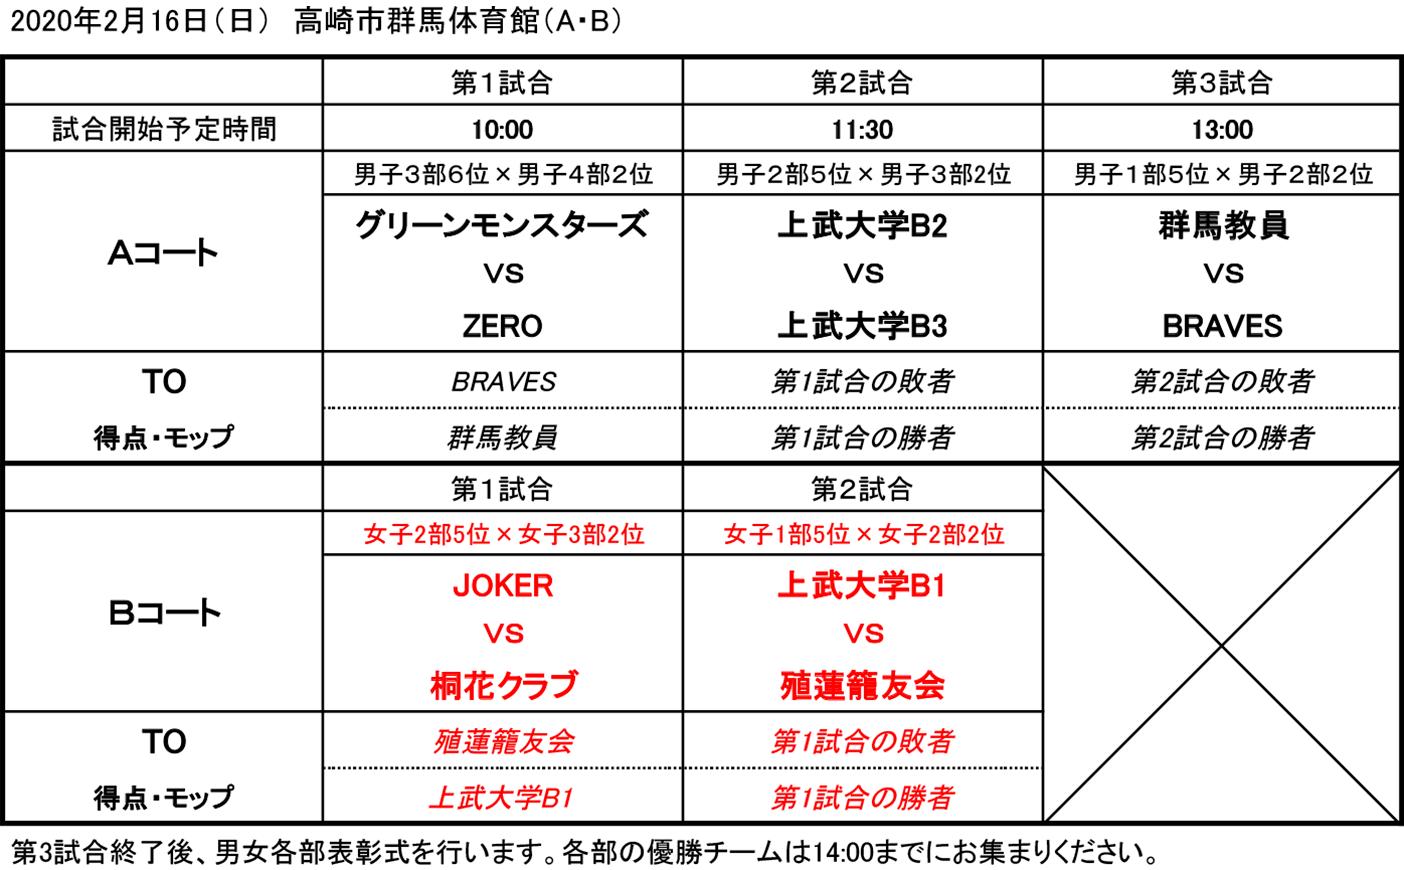 2019年度 第3回 社会人リーグ 入れ替え戦 - 組み合わせ